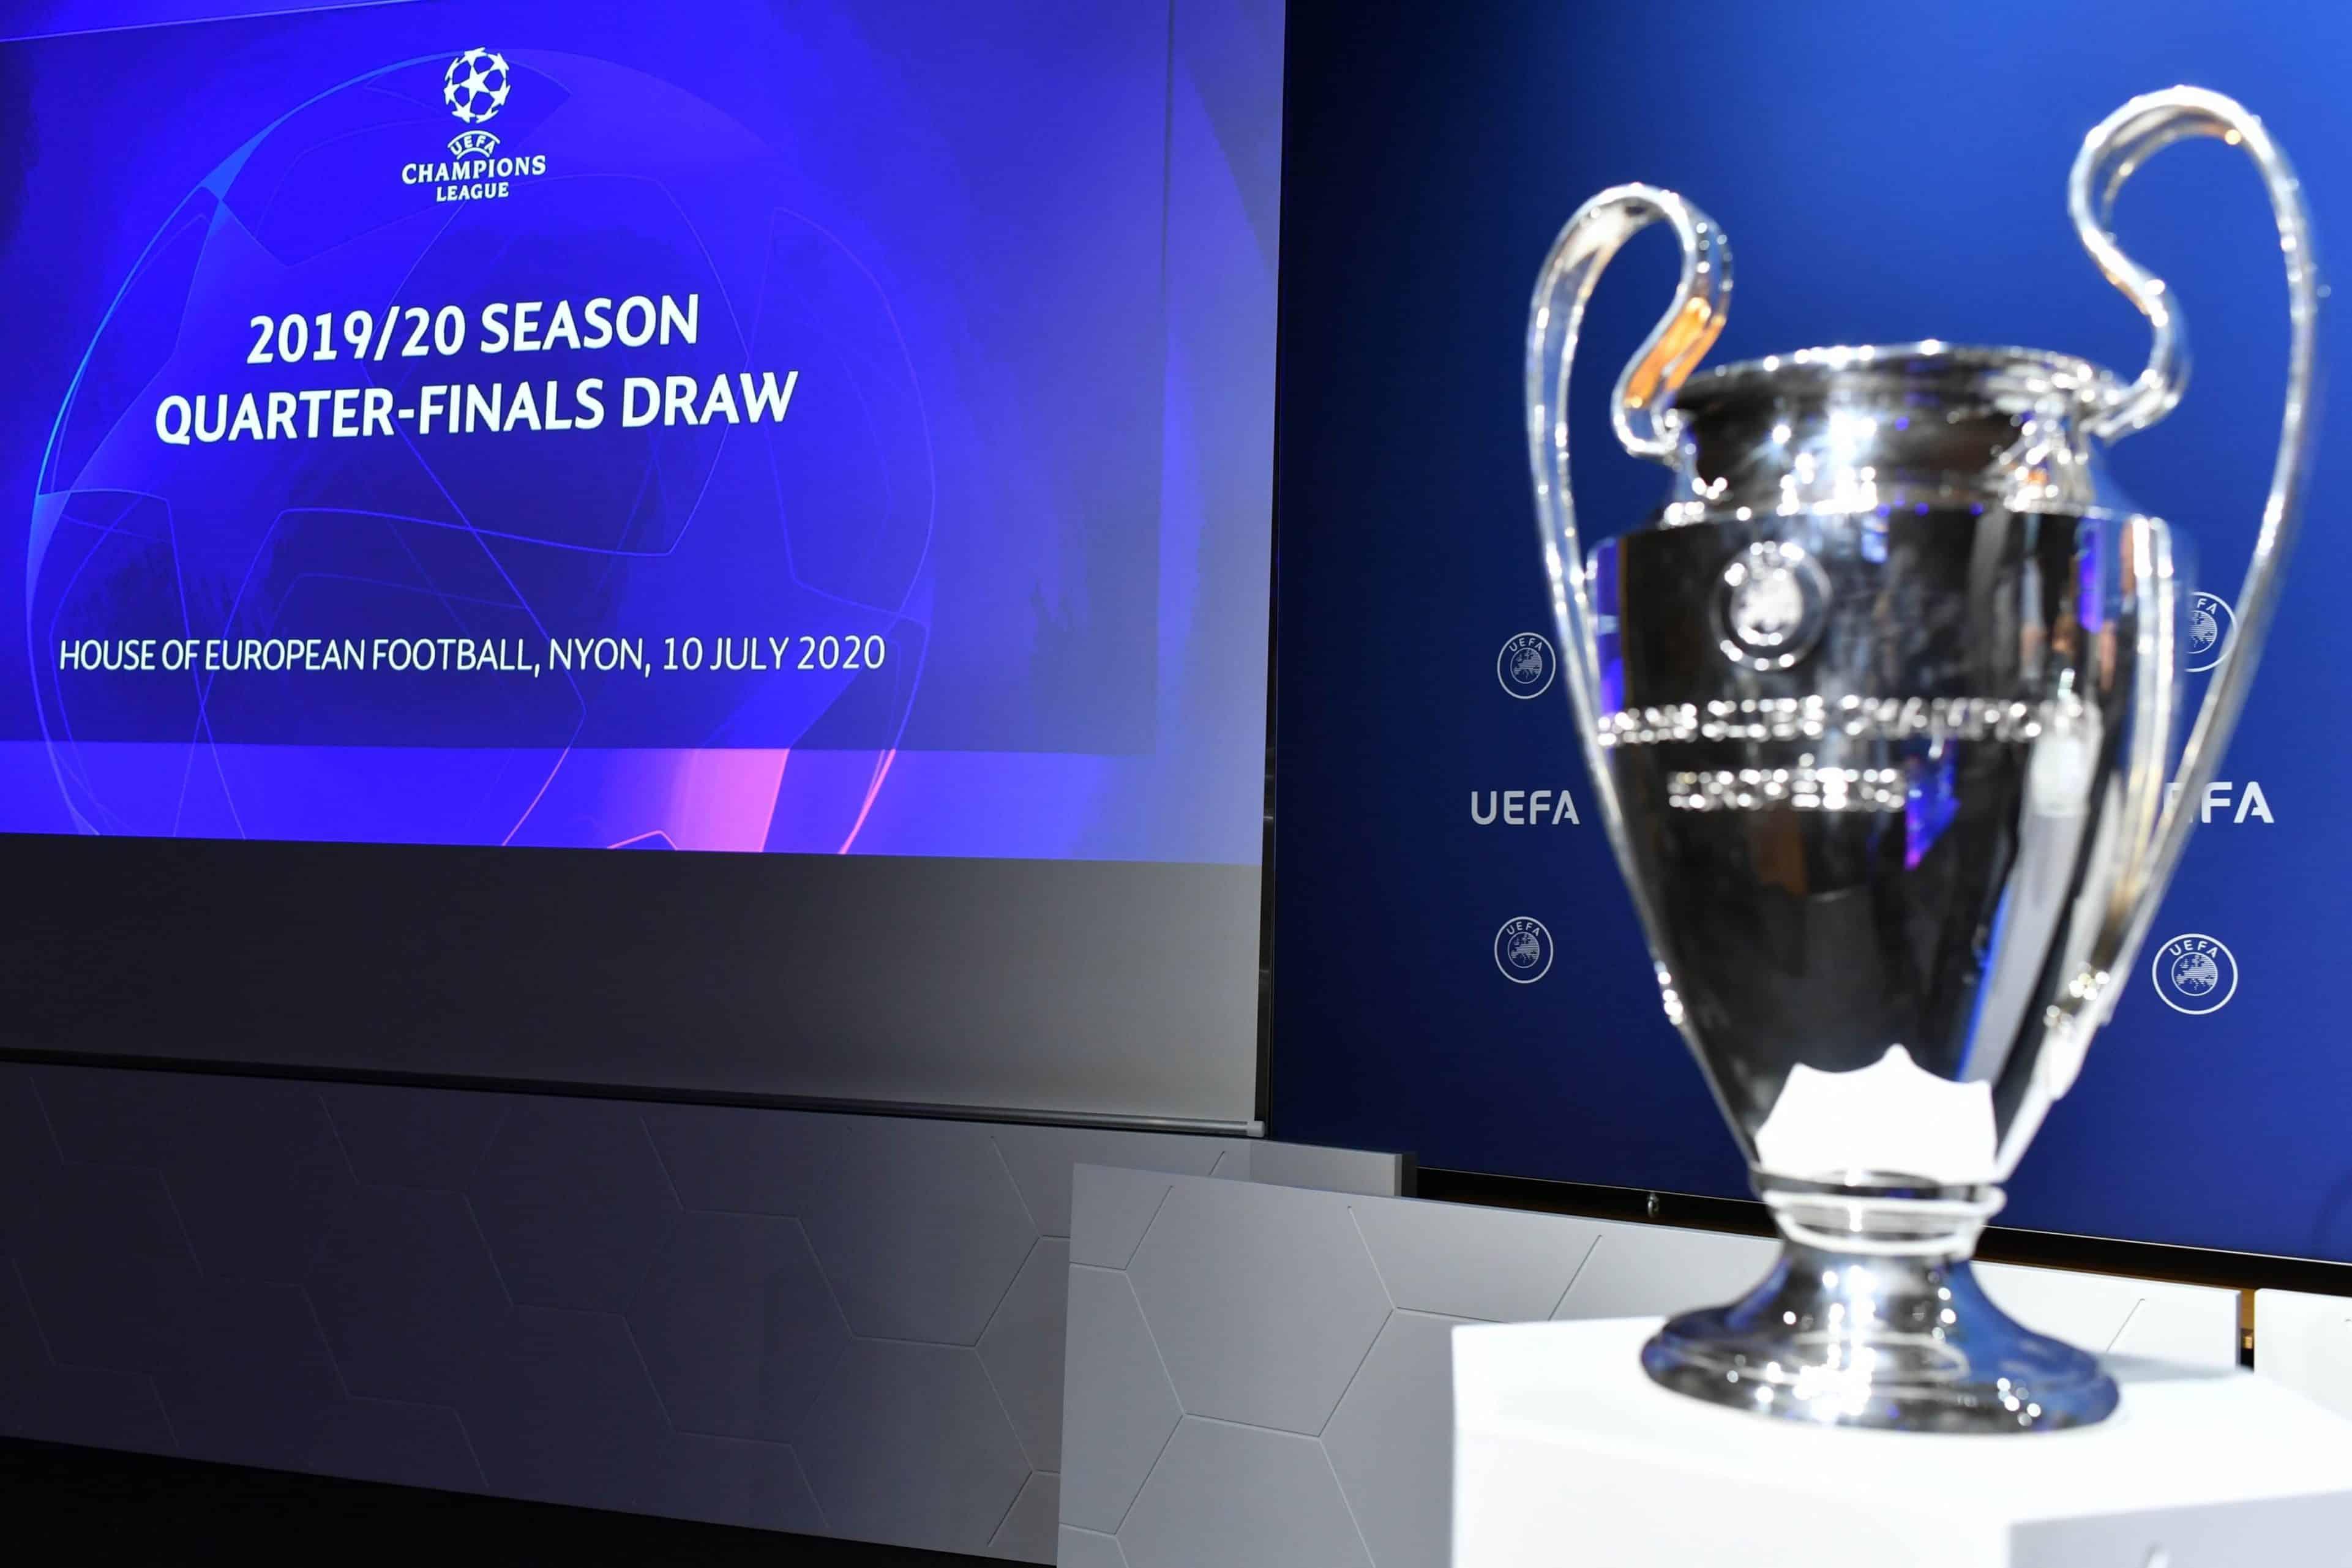 مواجهات نارية في الانتظار.. تفاصيل قرعة الربع النهائي من دوري أبطال أوروبا